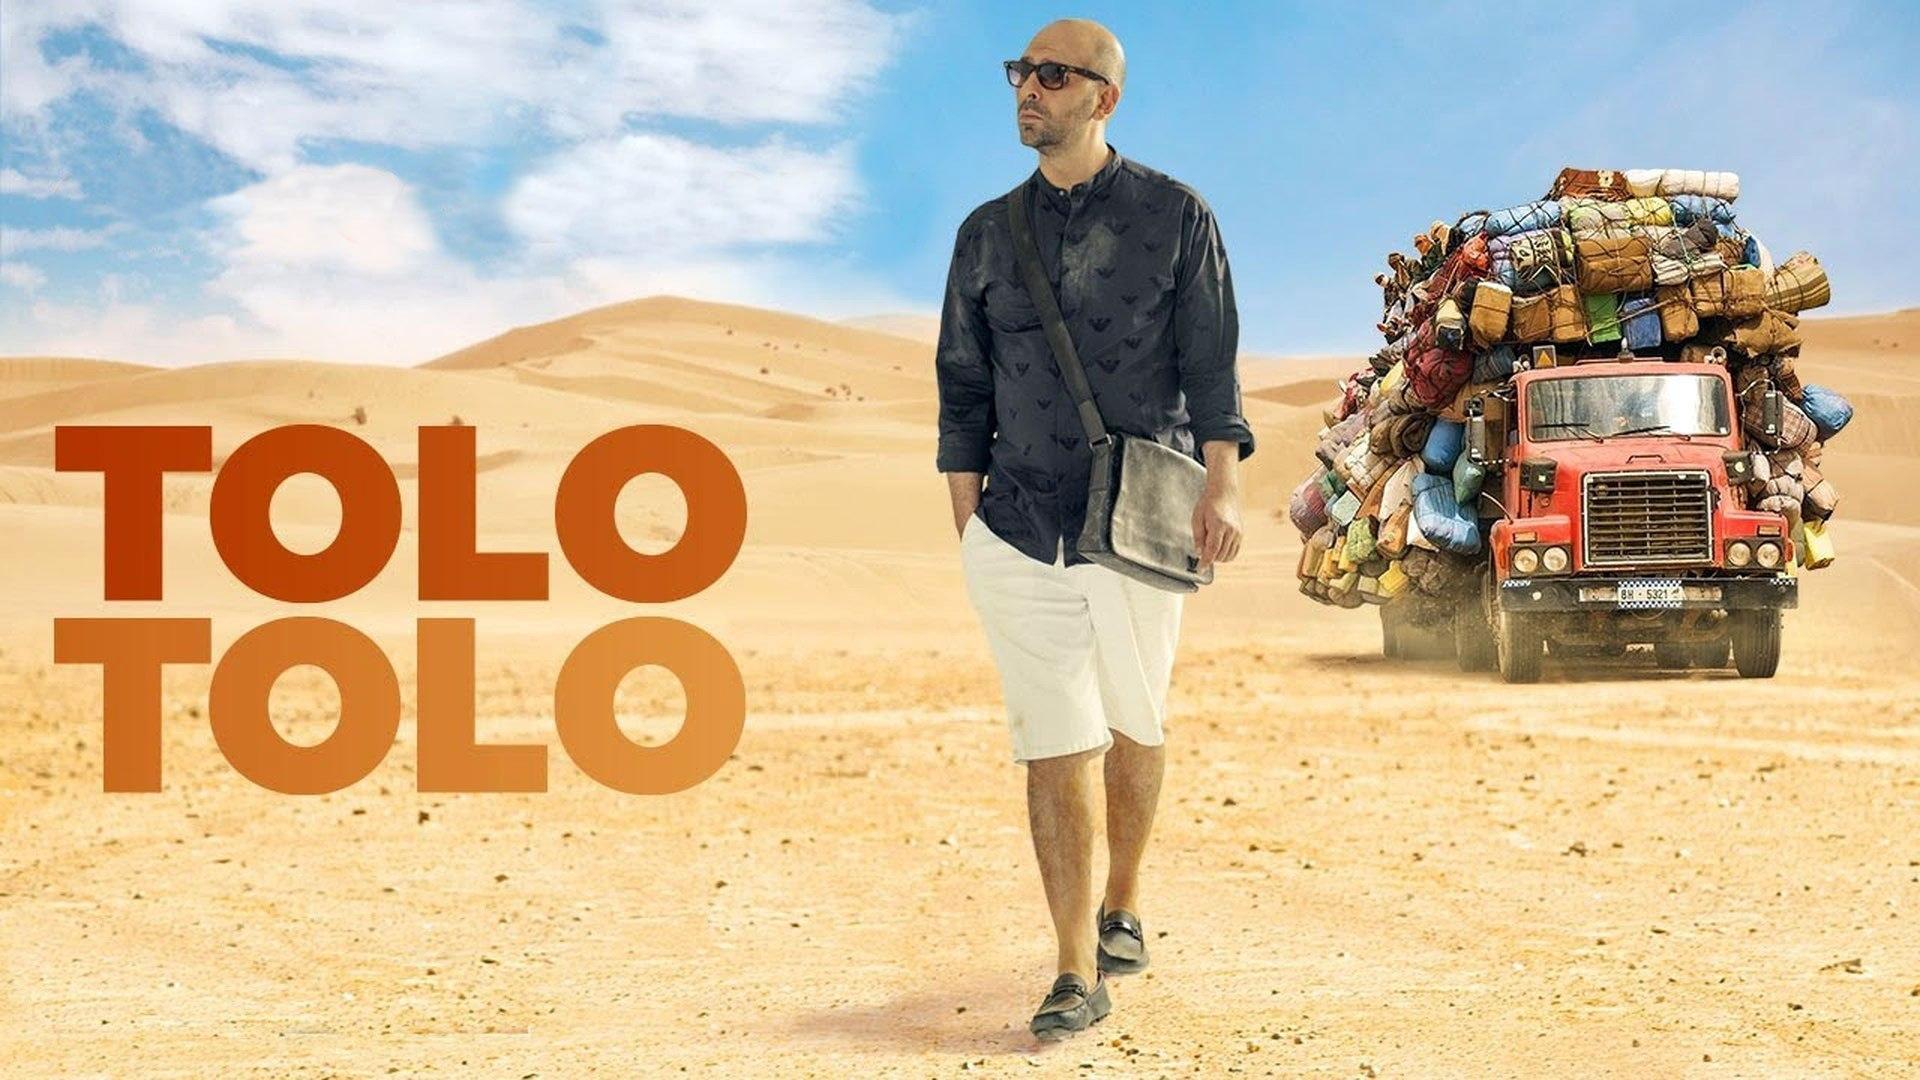 Lunedi 9 Novembre 2020 Sky Cinema HD, Tolo Tolo